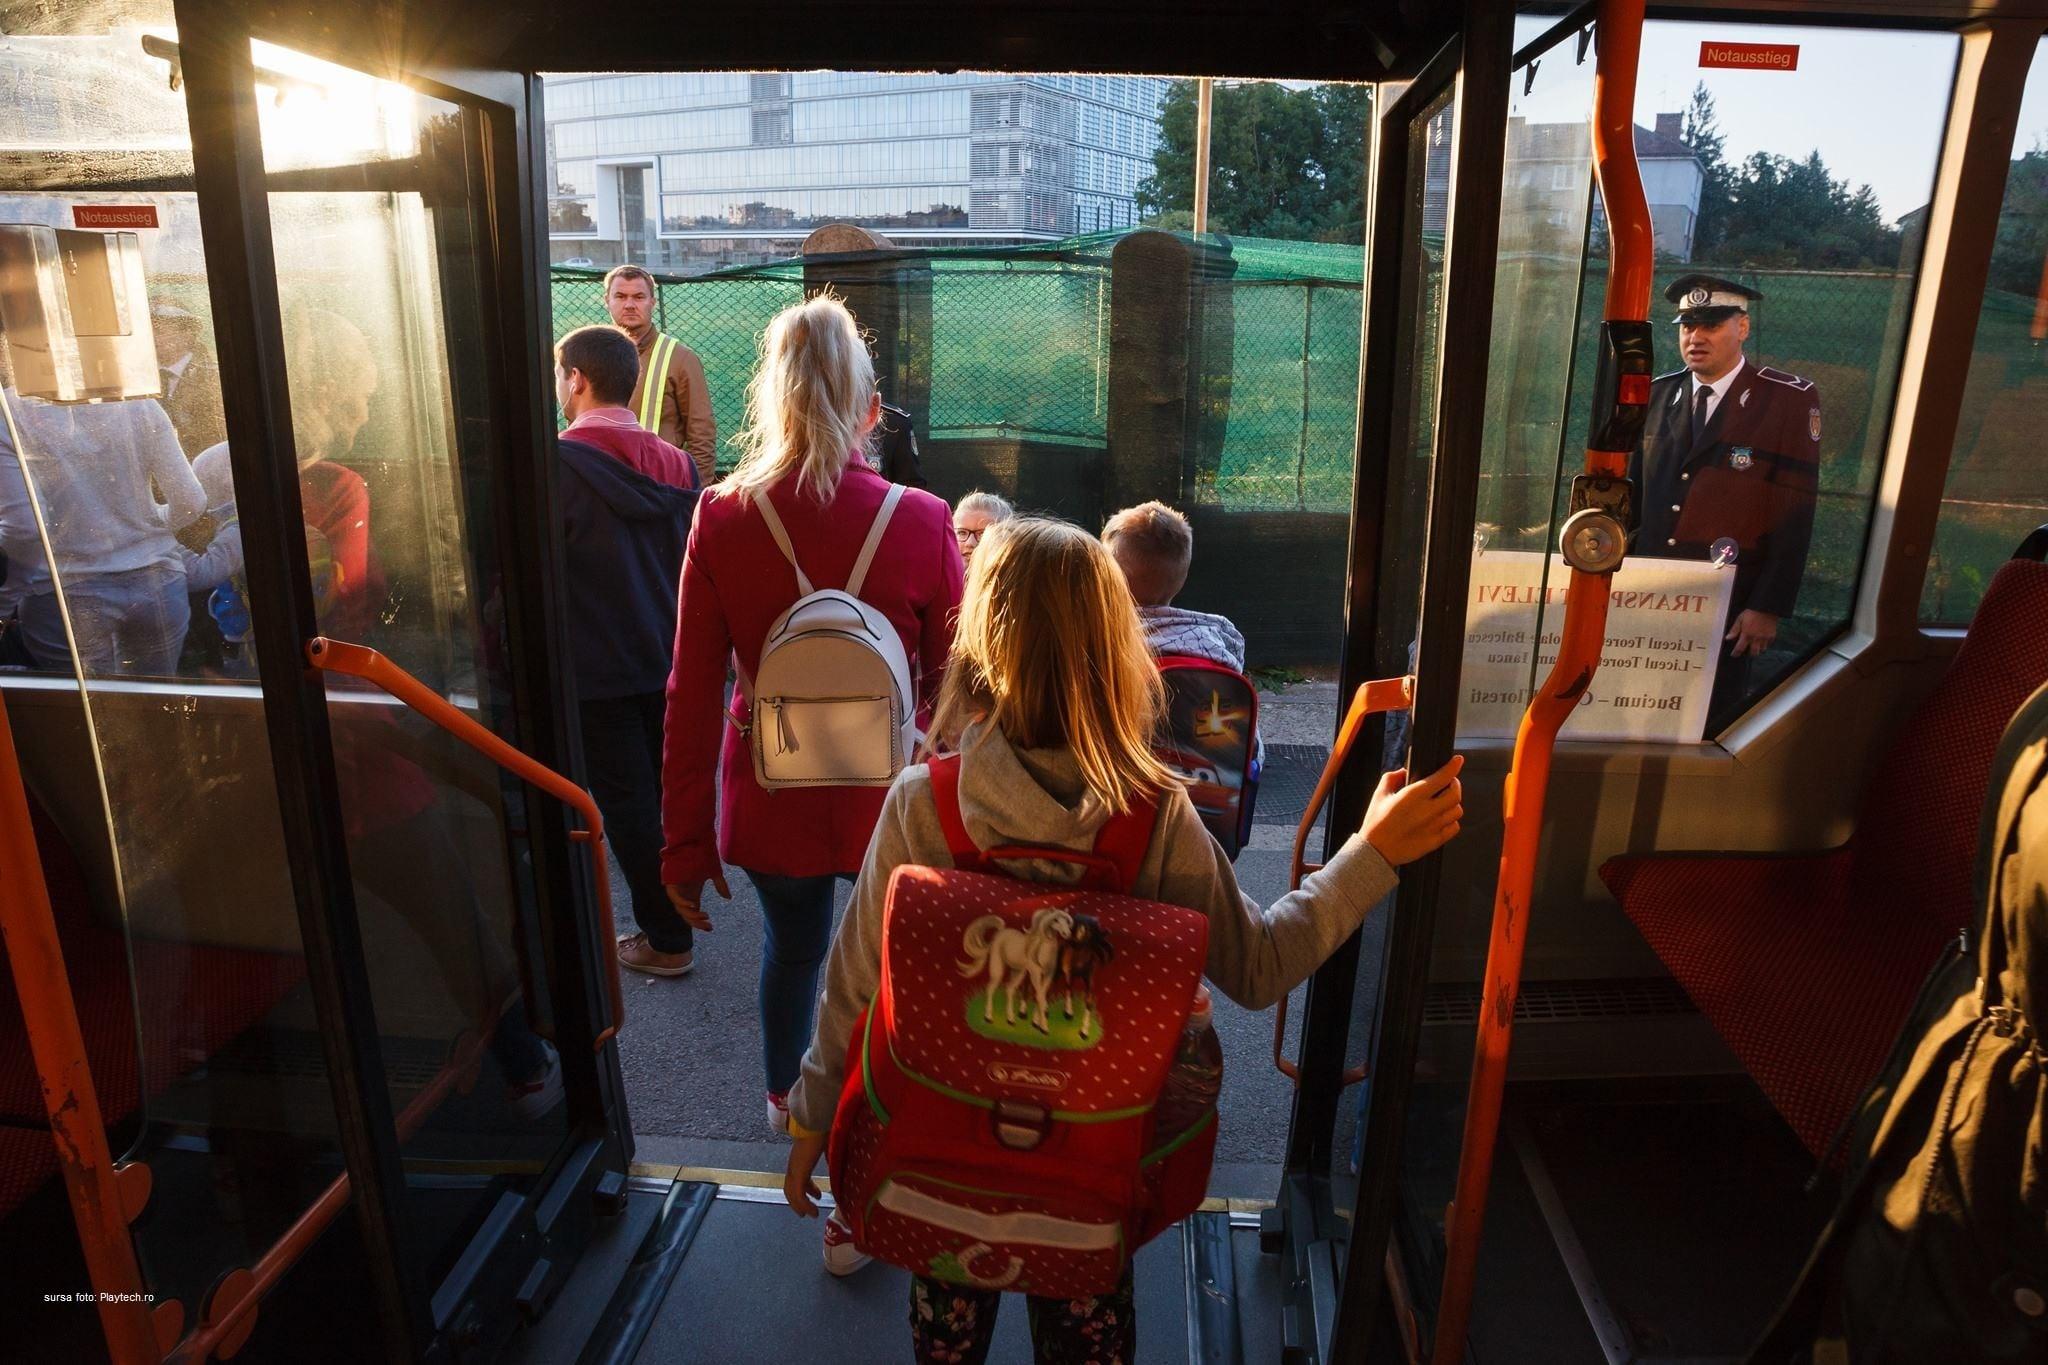 Gratuitate pentru elevi şi la transportul public judeţean, nu doar la cel local